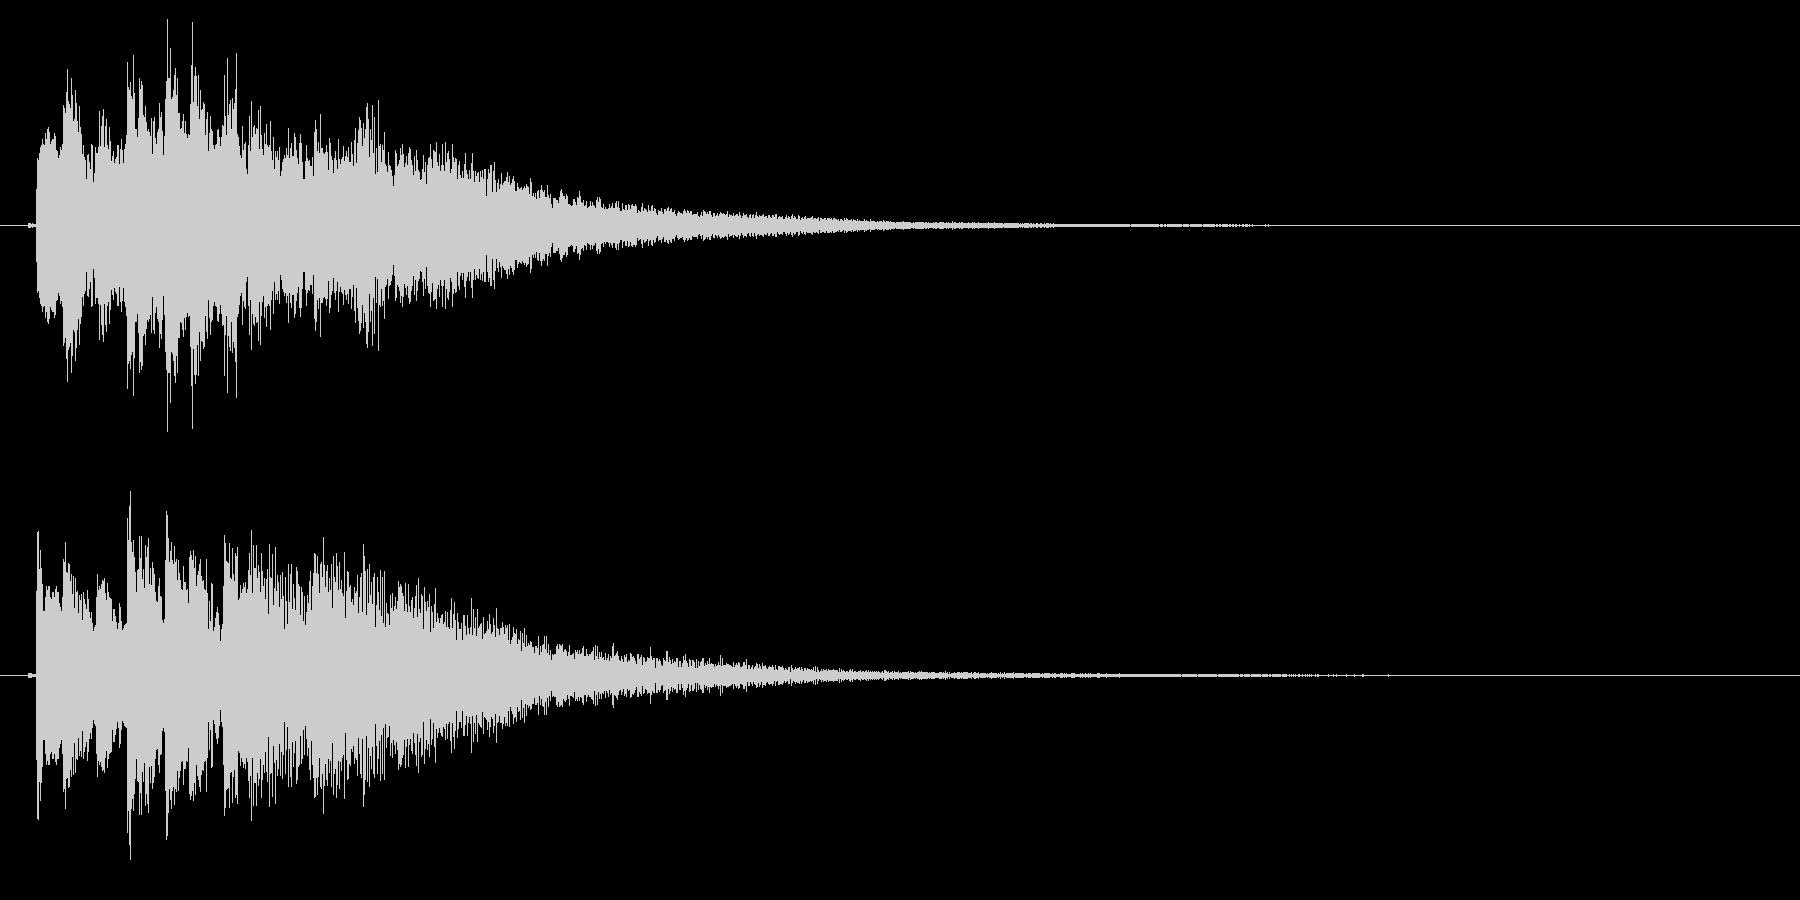 琴のフレーズ1☆調律1☆リバーブ有の未再生の波形